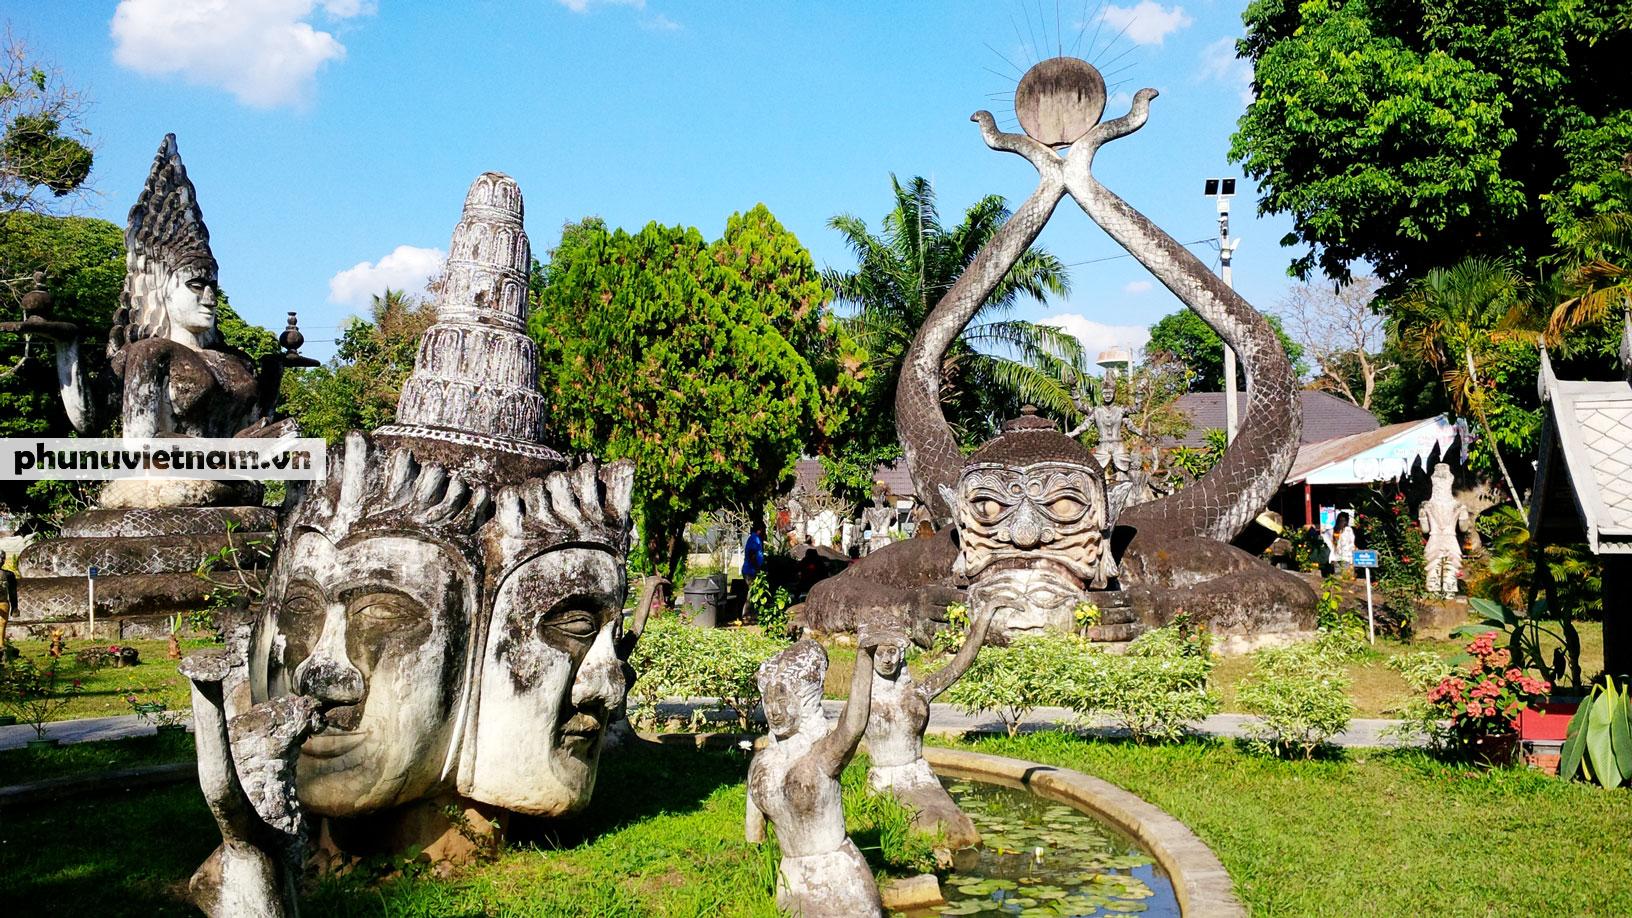 Độc đáo những bức tượng rắn trong chùa ở Viêng Chăn - Ảnh 7.